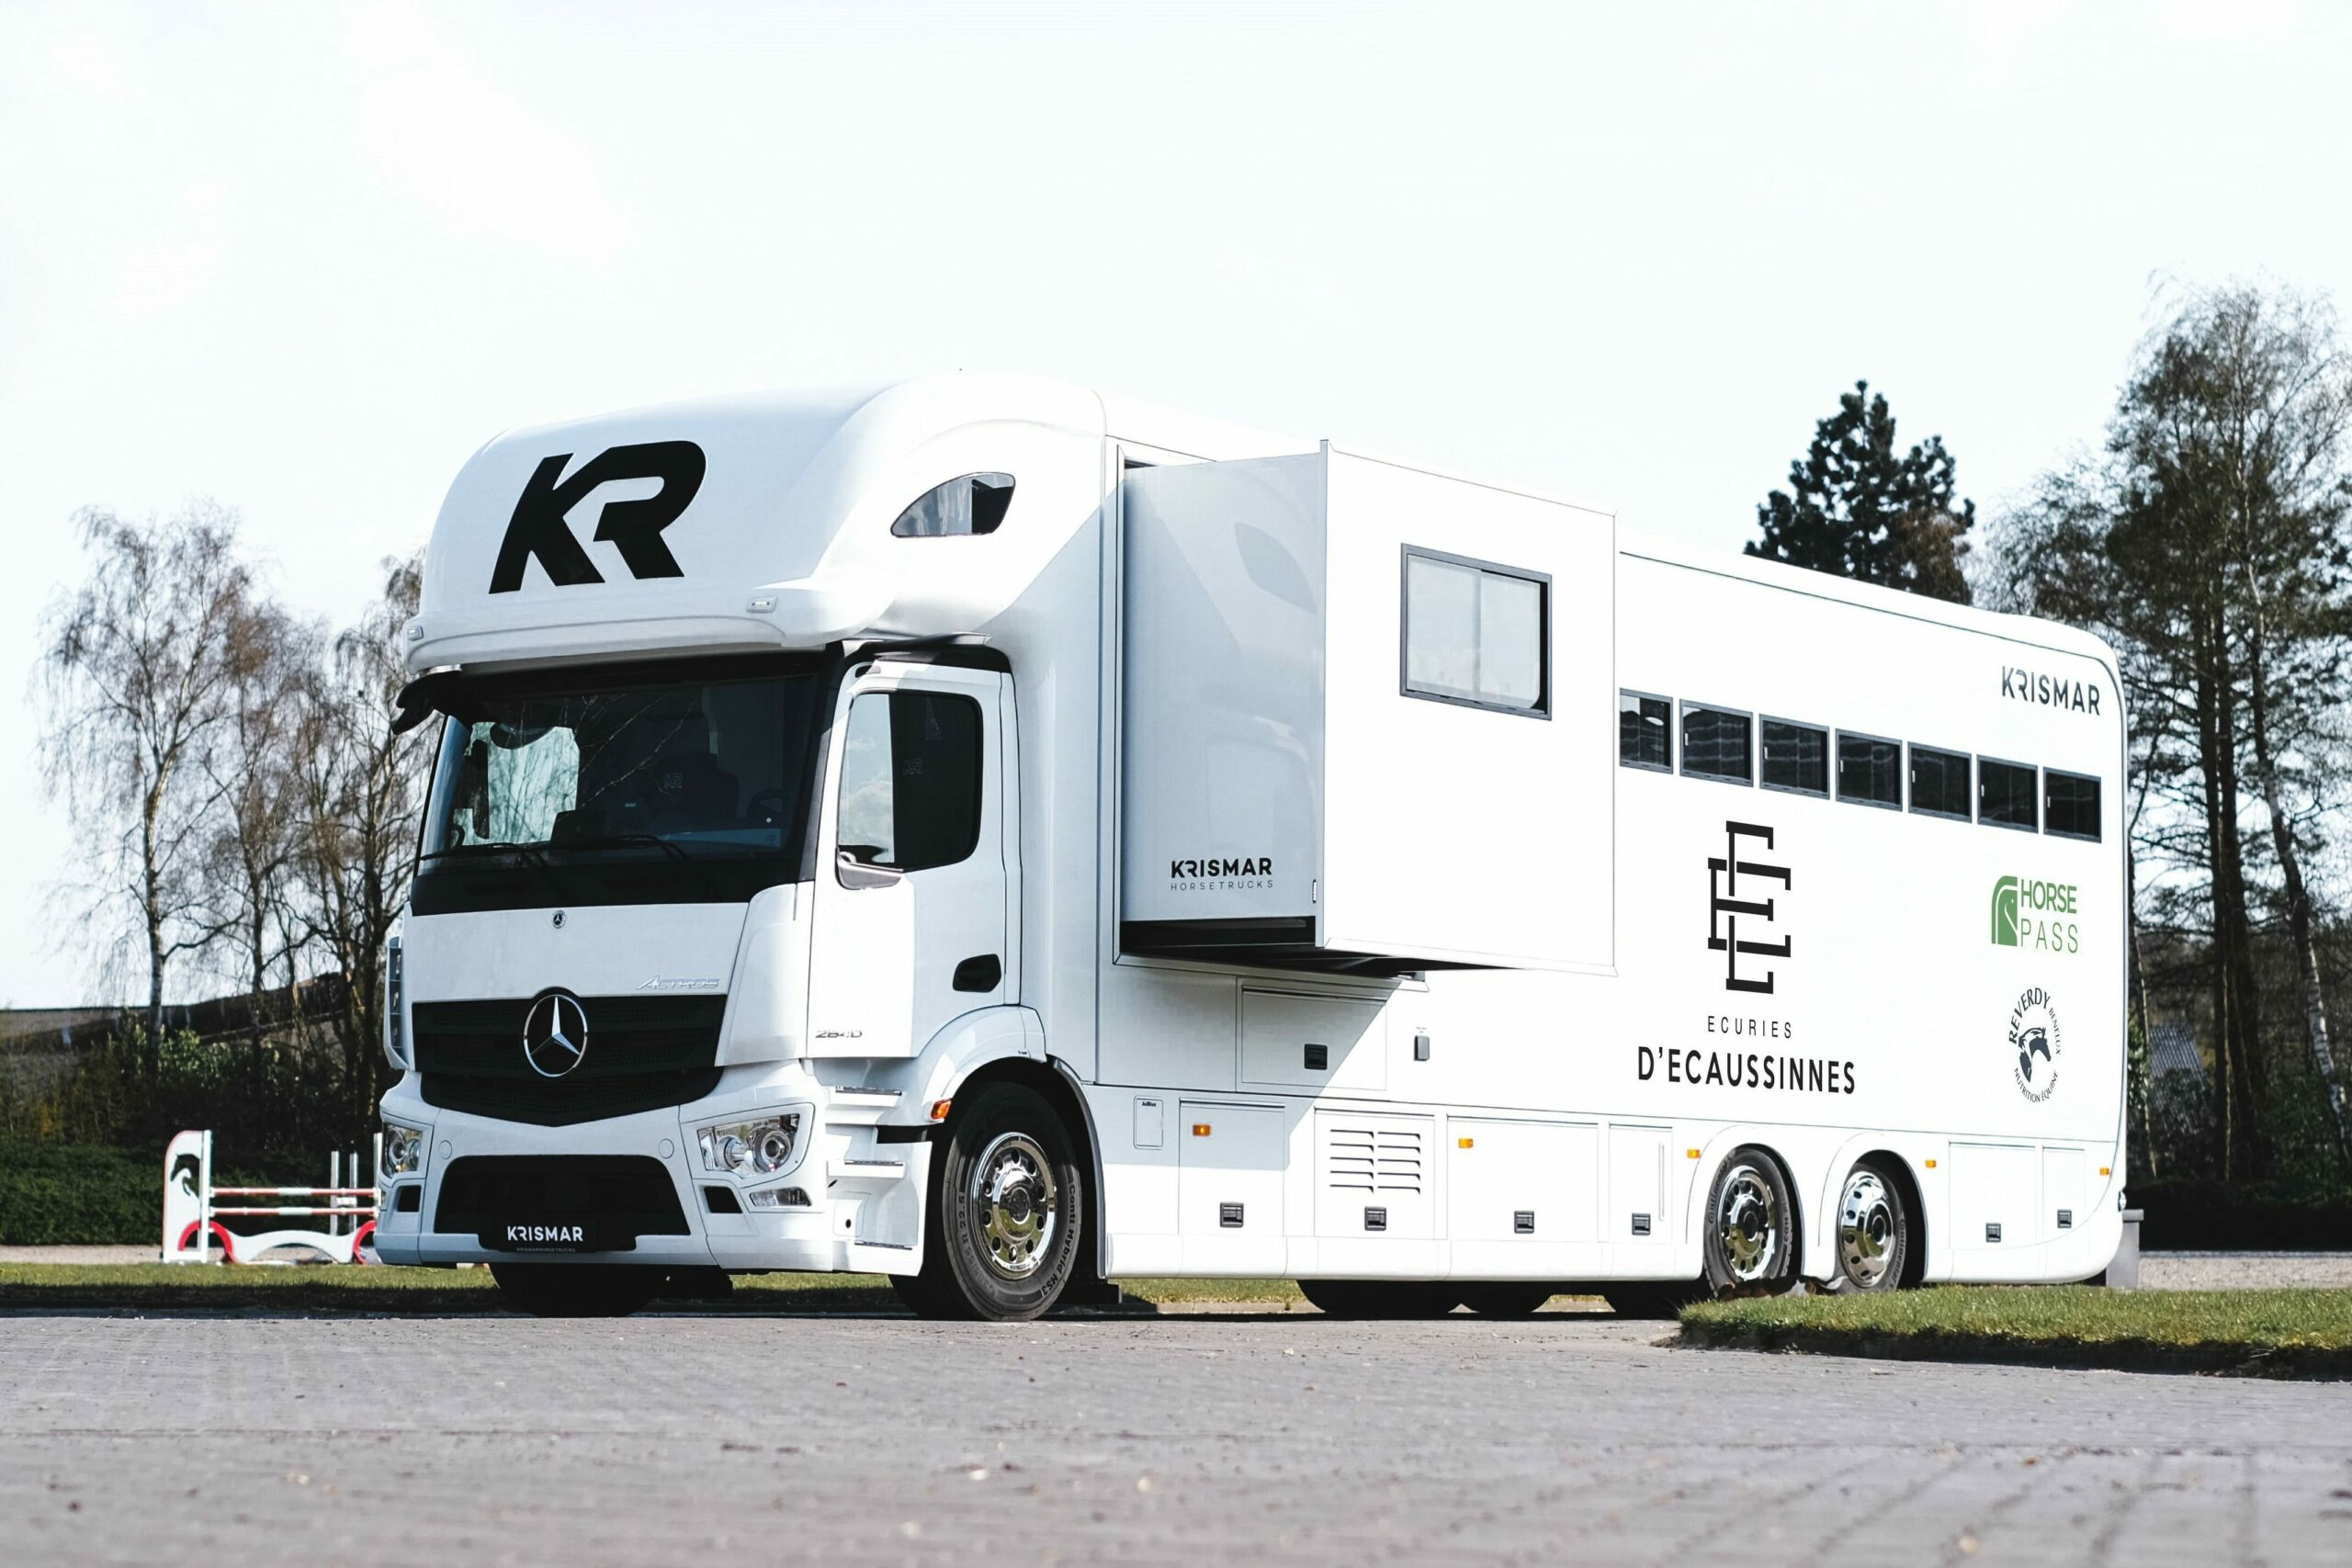 Krismar horsetruck professional paardenvrachtwagen in een witte kleur voor 7 paarden